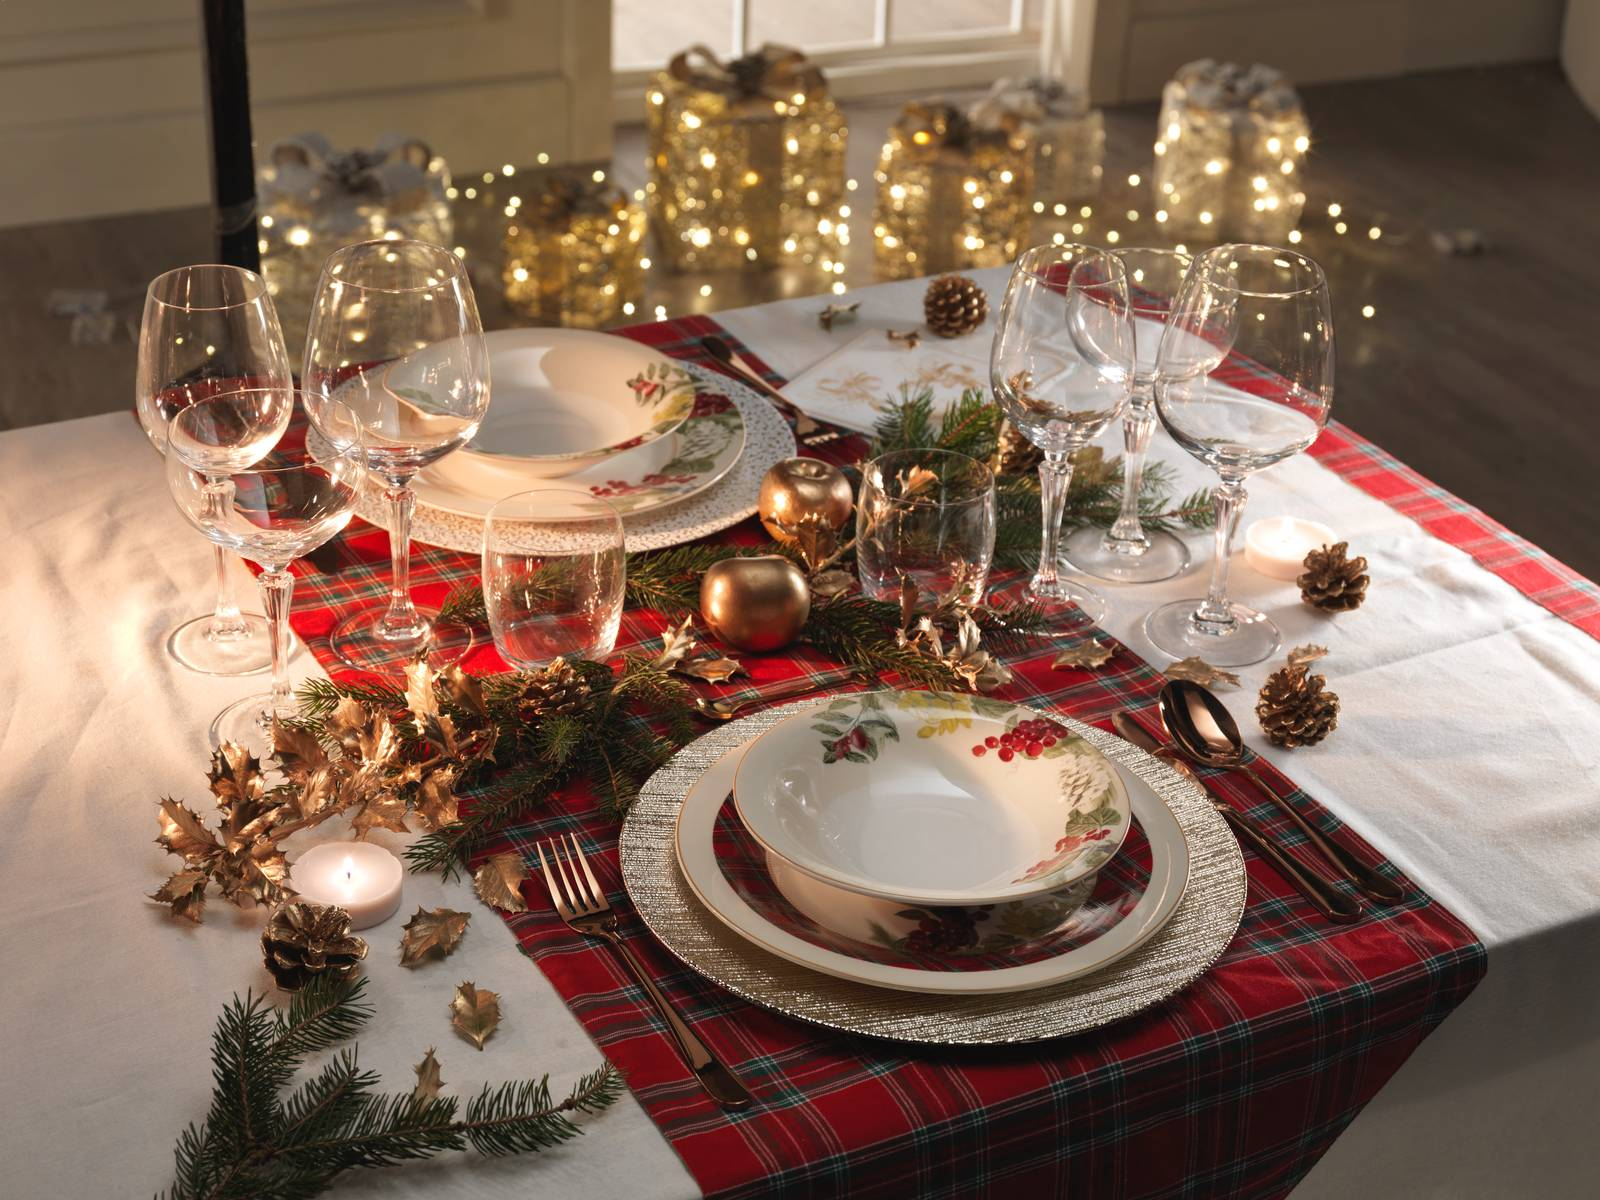 Arredare Tavola Natale tavola di natale: piatti e decorazioni oro, rosso, bianco